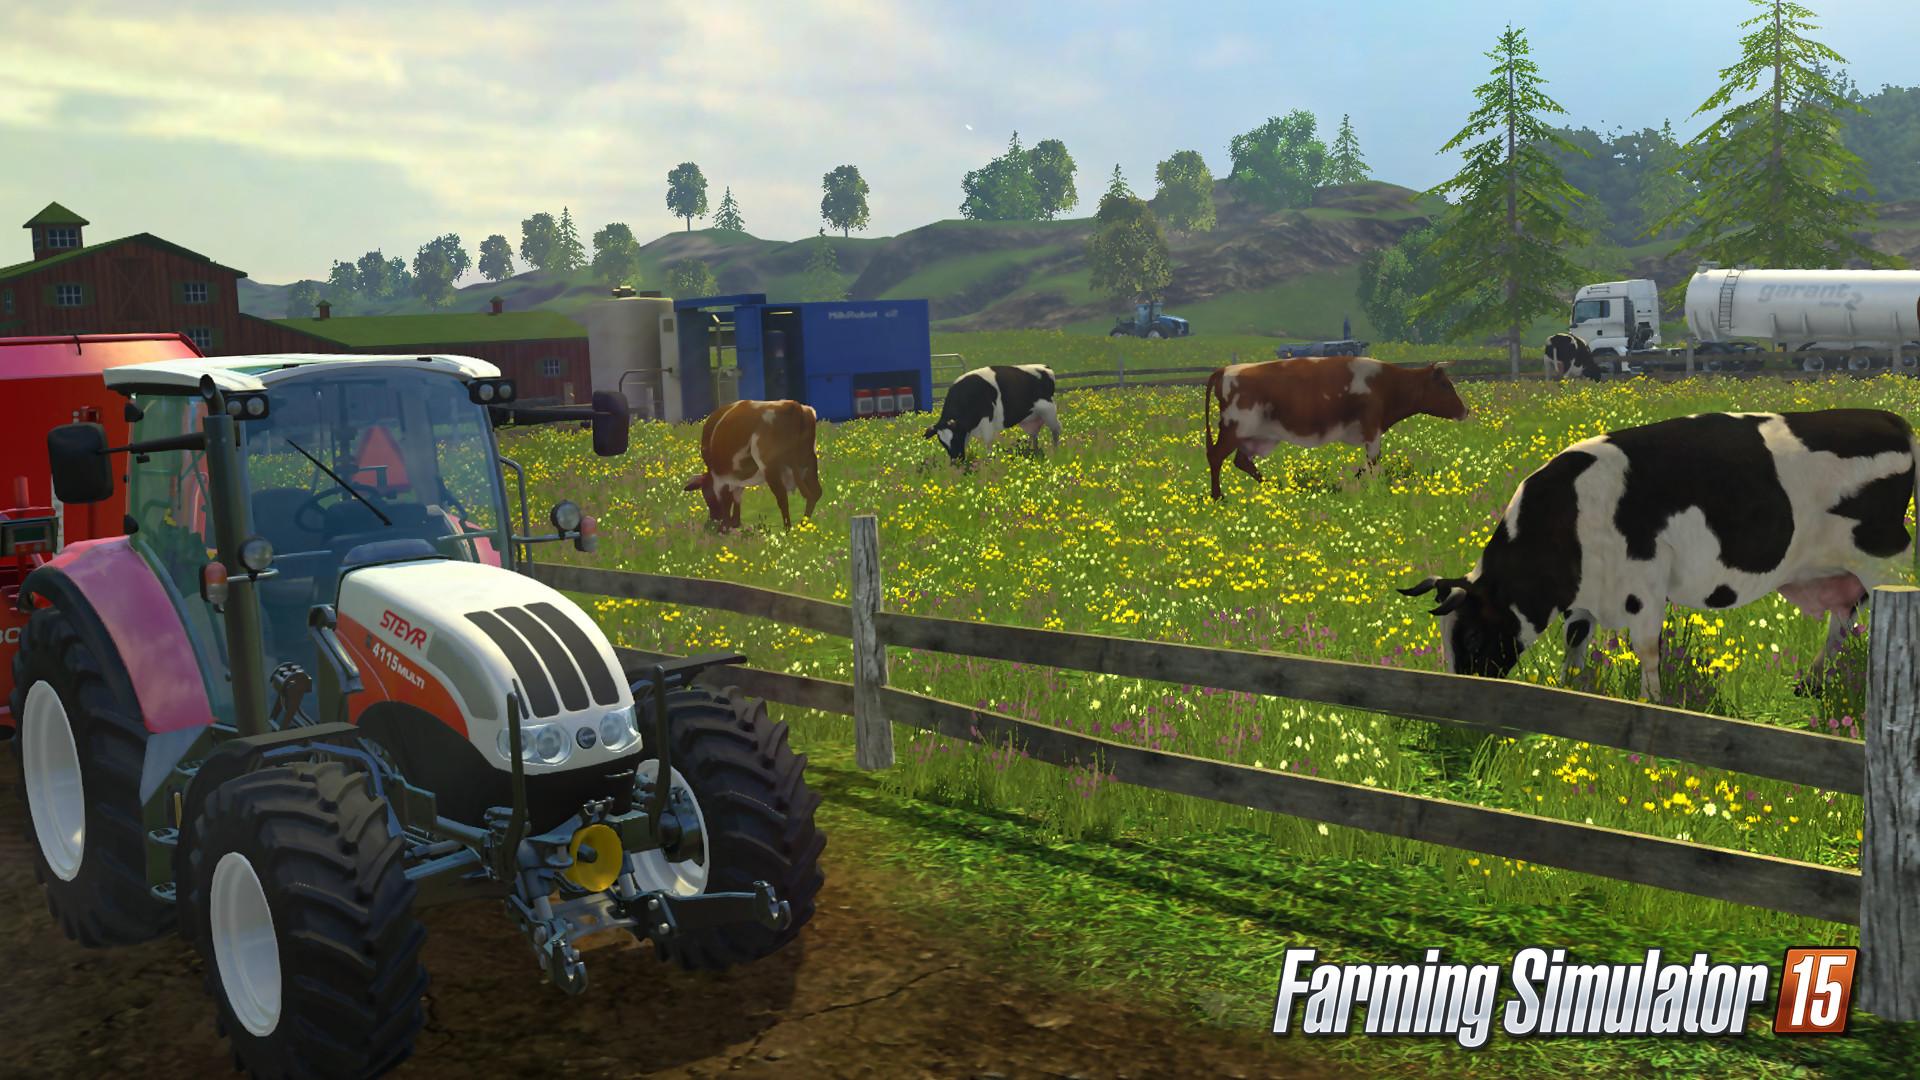 farming simulator 15 le jeu arrive sur ps4 et xbox one. Black Bedroom Furniture Sets. Home Design Ideas